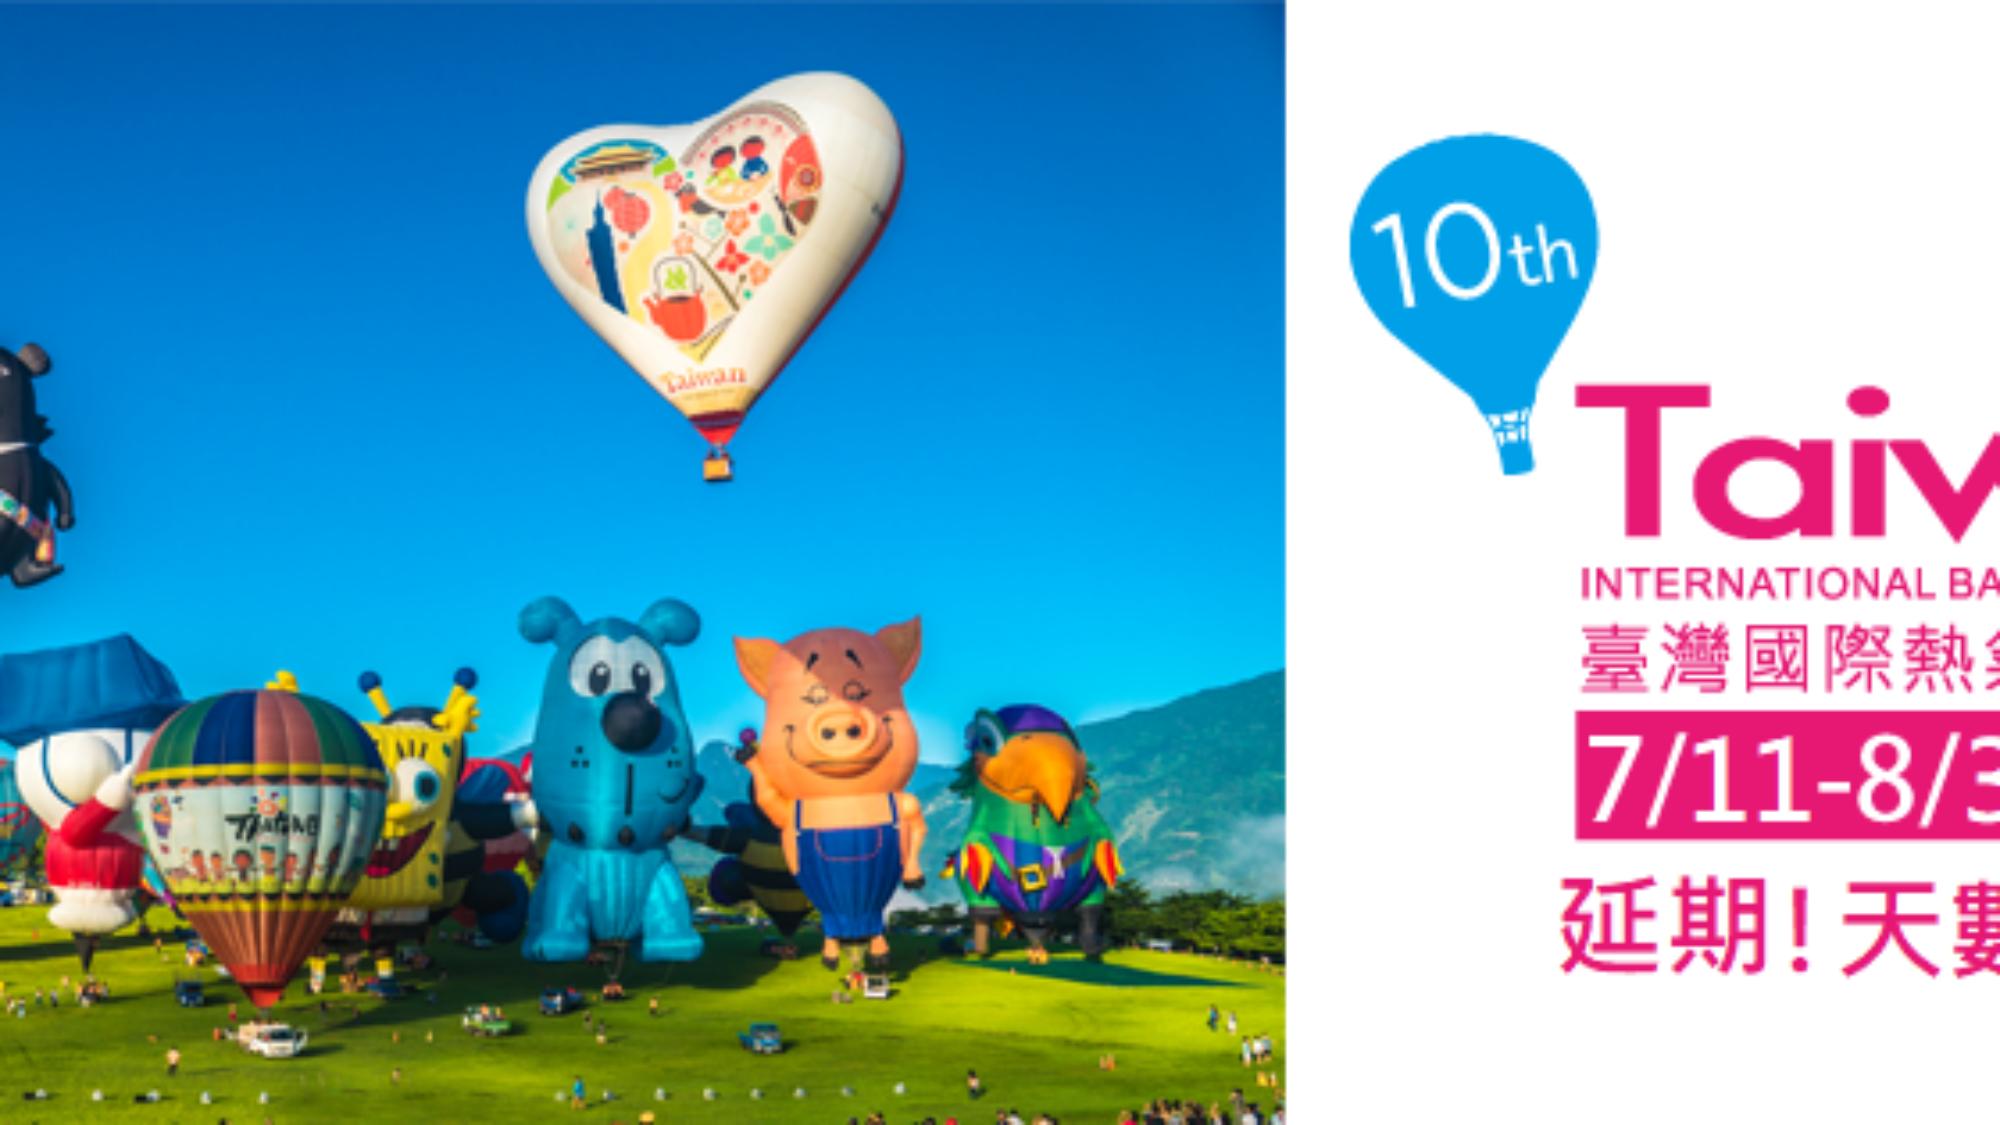 2020熱氣球嘉年華延期至7月11日登場 暑假玩好玩滿